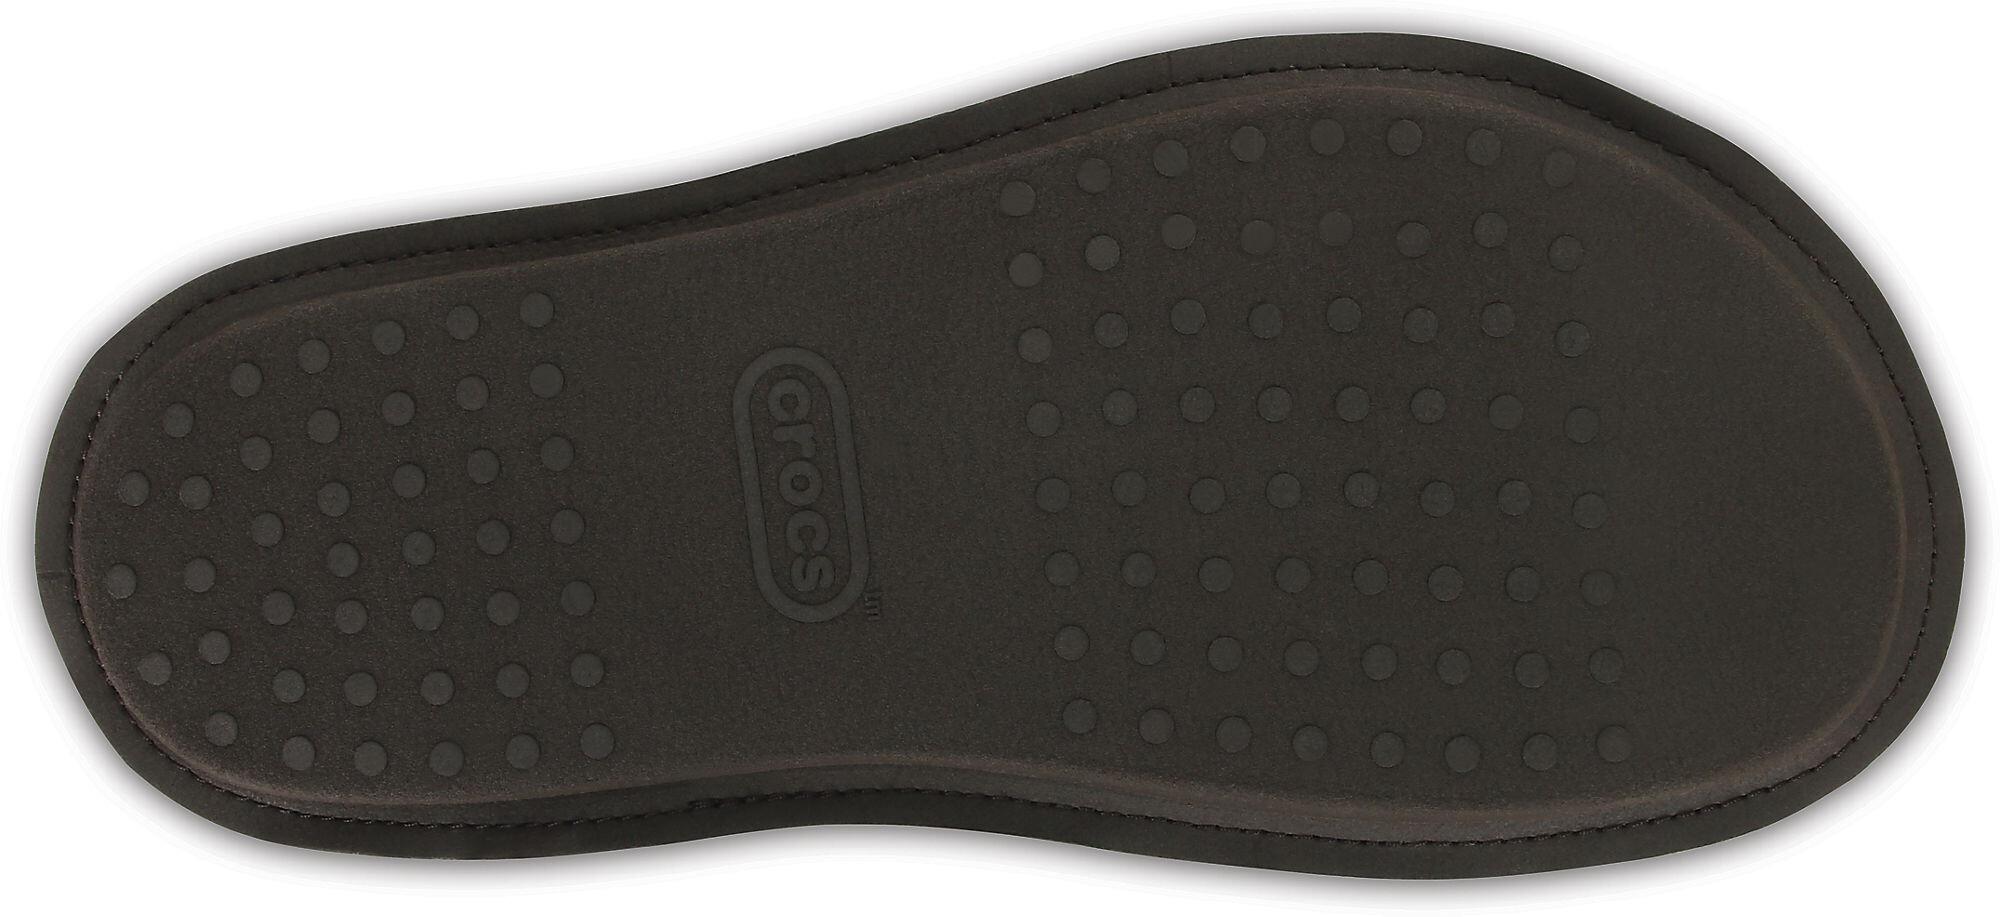 Crocs Classic Ciabatte nero su Addnature 3787001c627